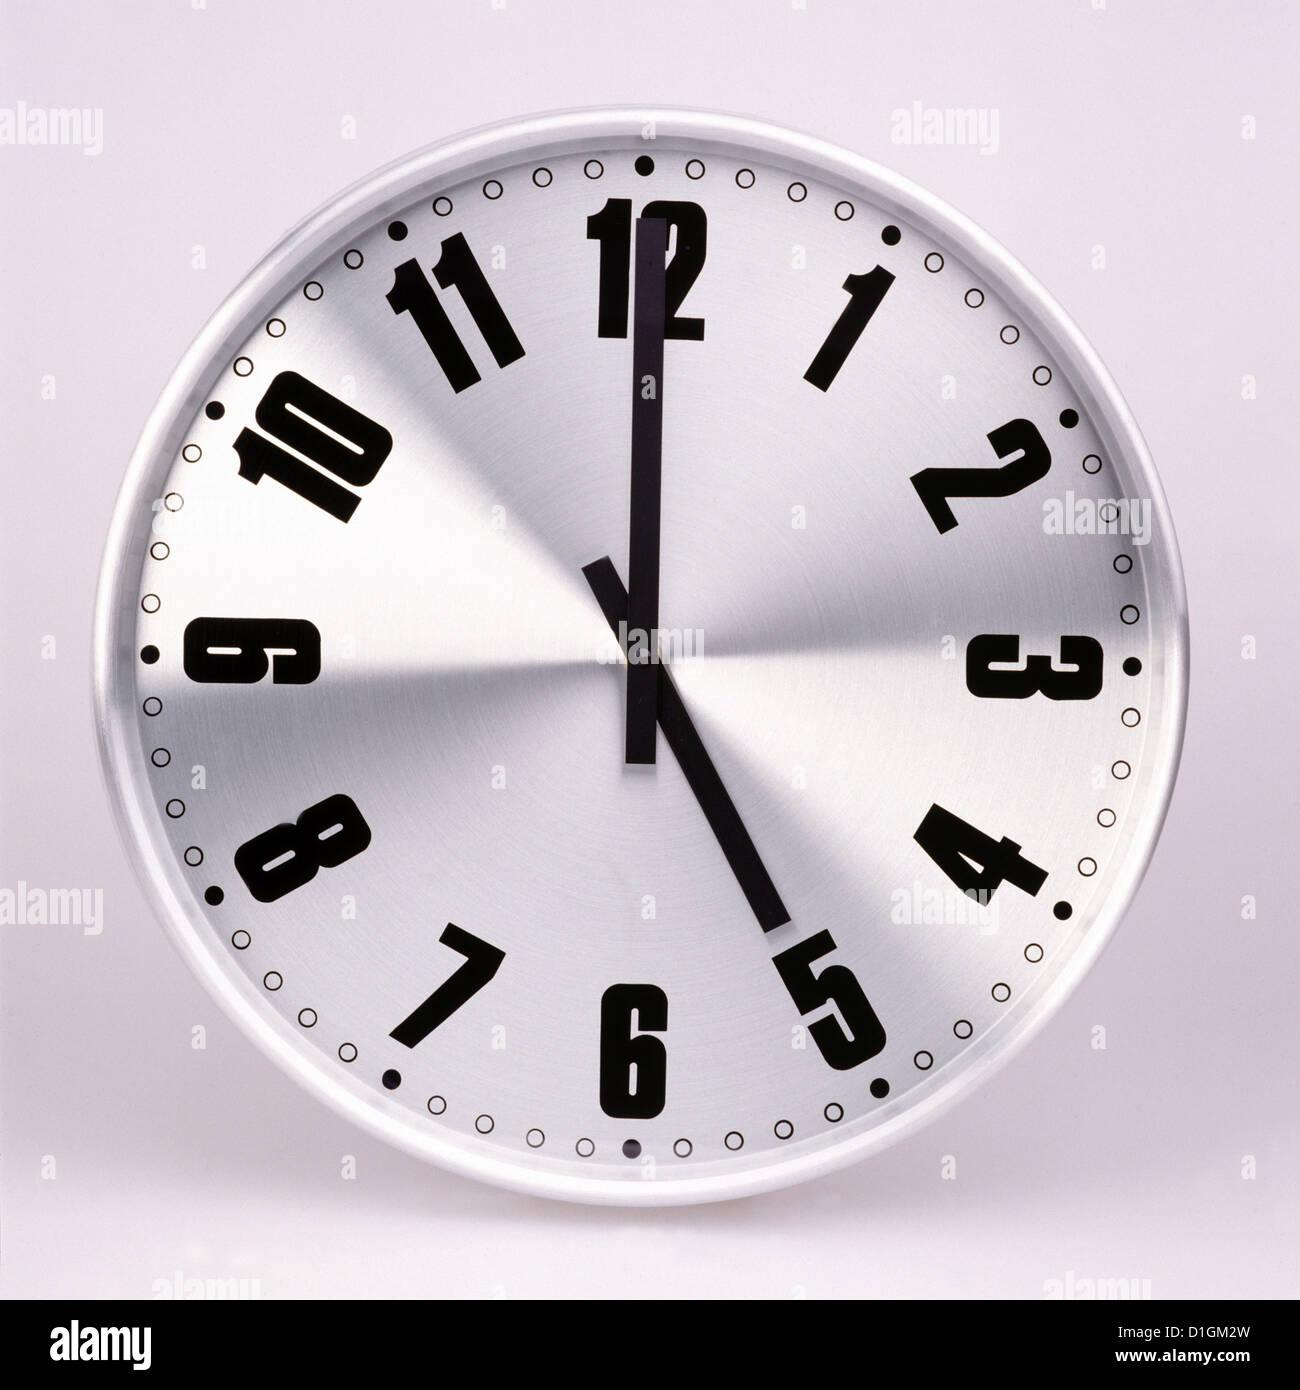 Horloge murale de bureau Photo Stock